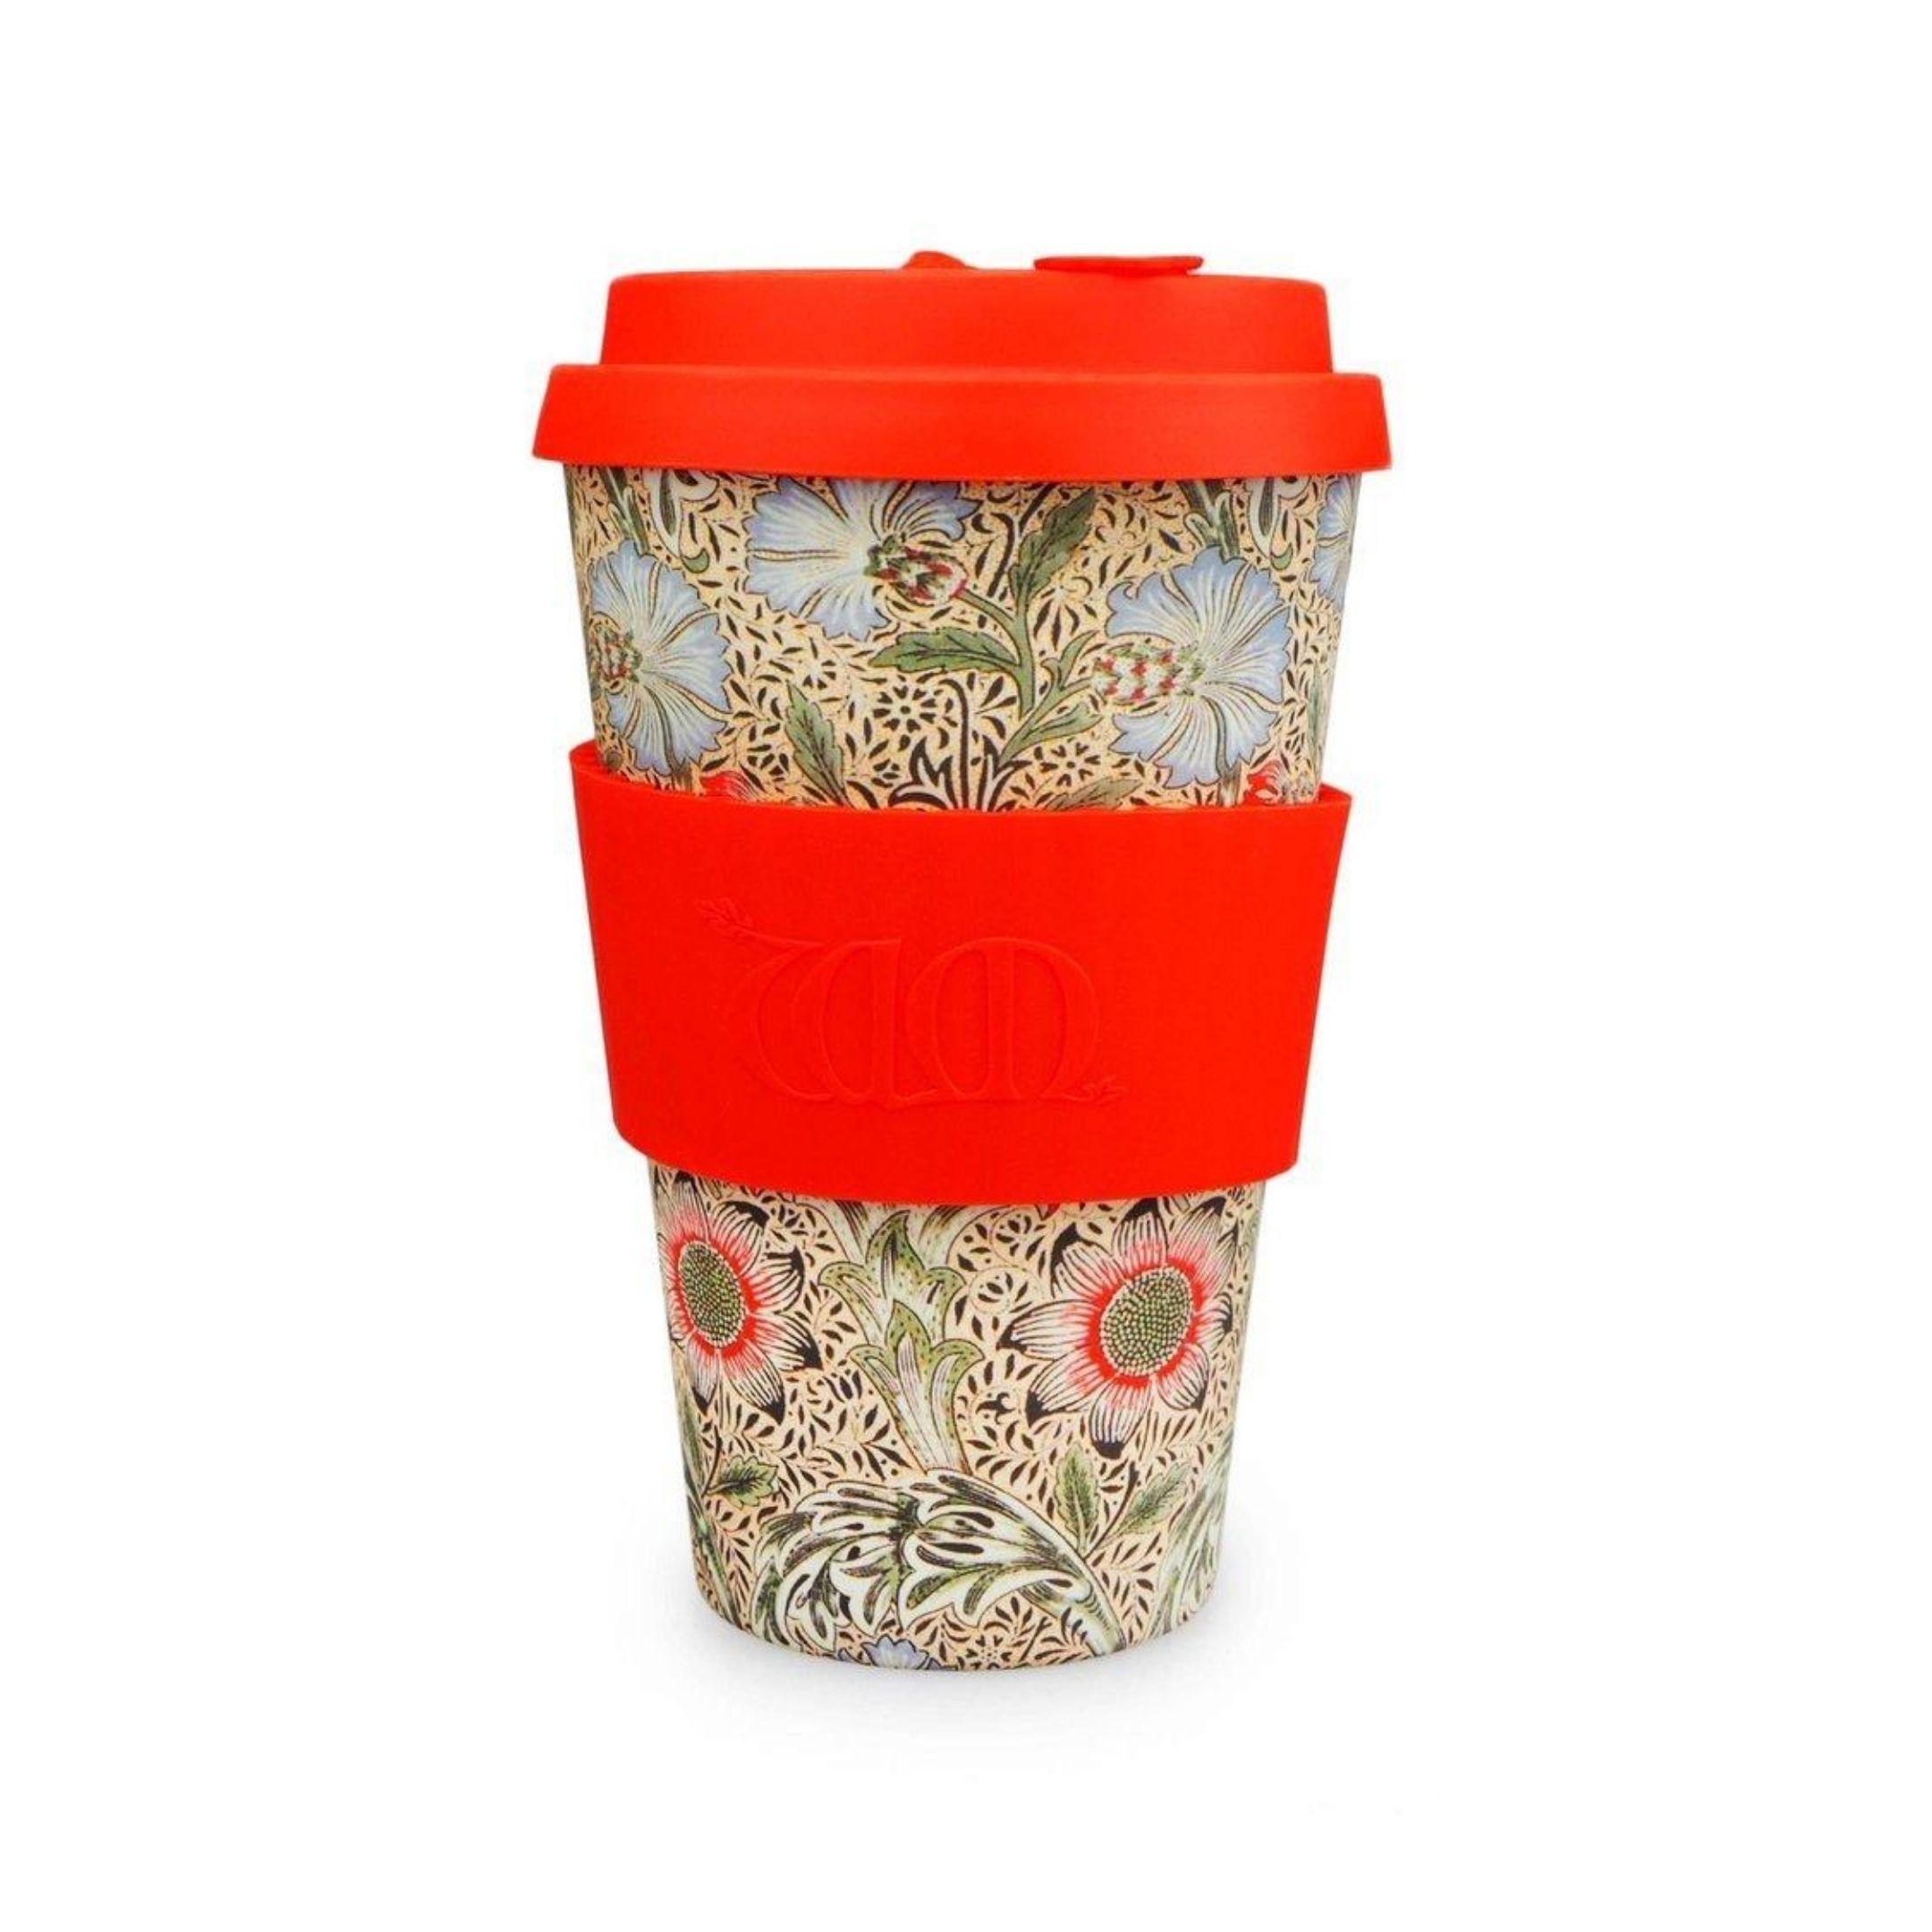 エコーヒーカップ|Corncockle